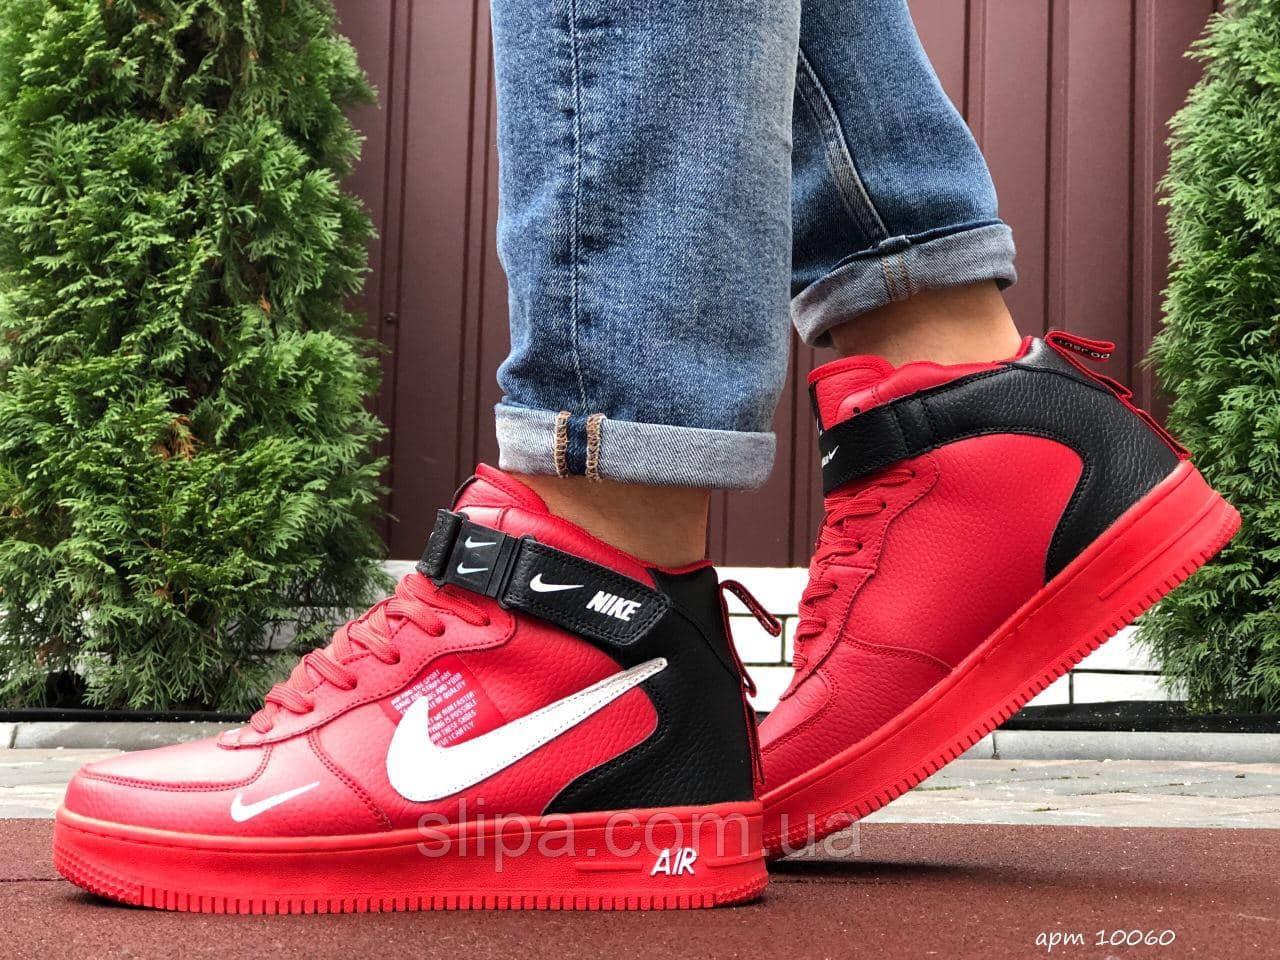 Мужские кожаные зимние кроссовки Nike Air Force красные с чёрным